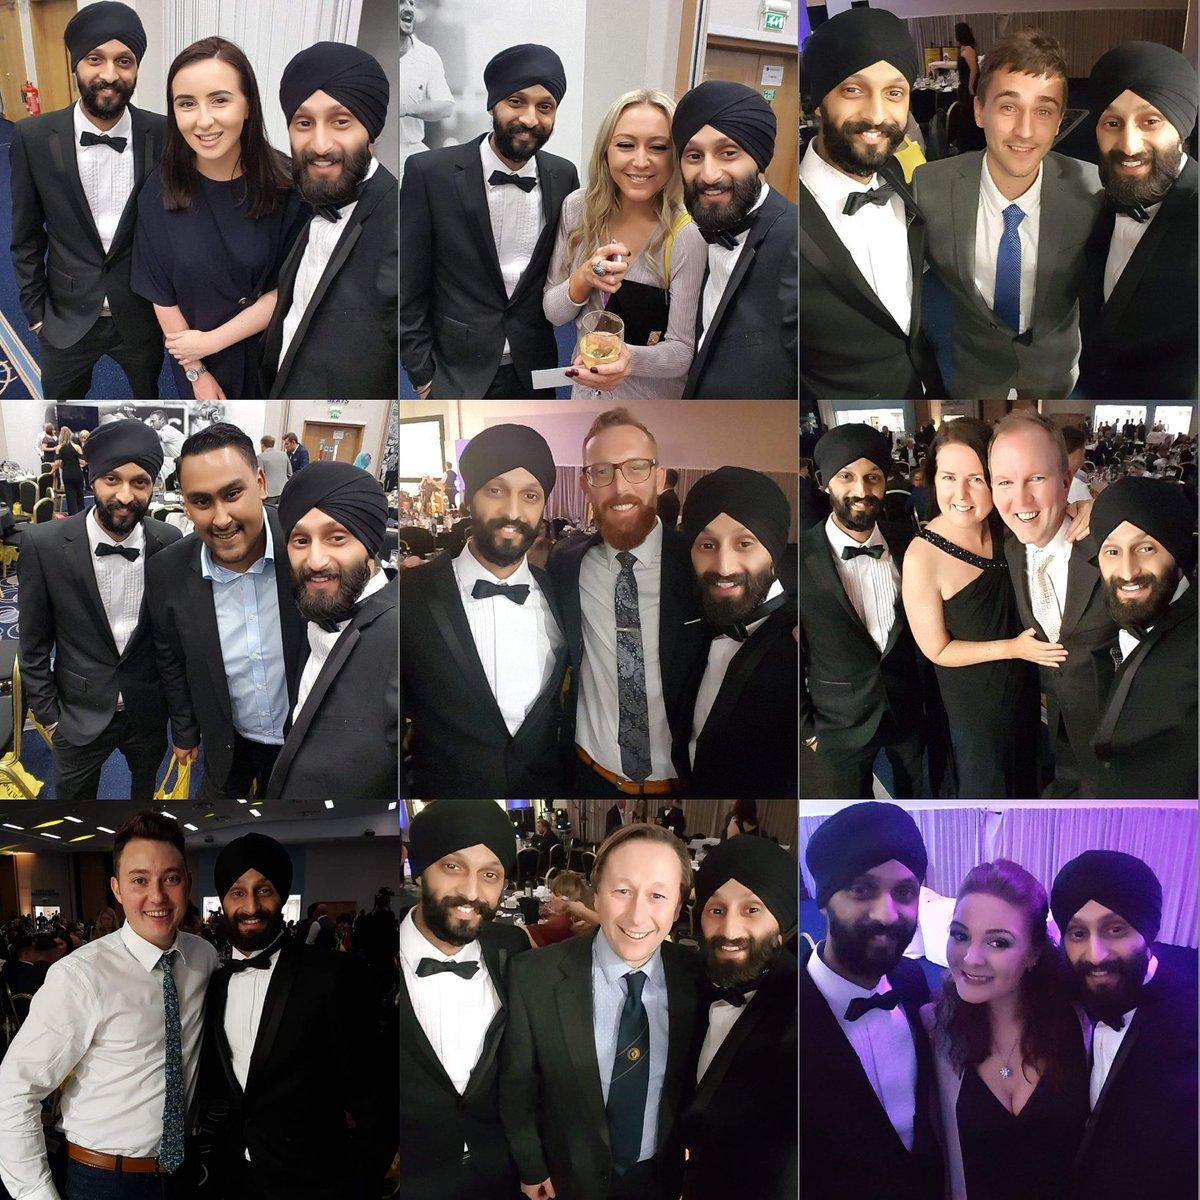 Met some #lovely #people at the @onthetoolstv #Awards 2017!  https://www.instagram.com/p/BamS4SCgepG/  #OTTAwards17 #OTTAwards2017 #Carpenter #Joiner #Tradepic.twitter.com/0jeEqK5Rmh